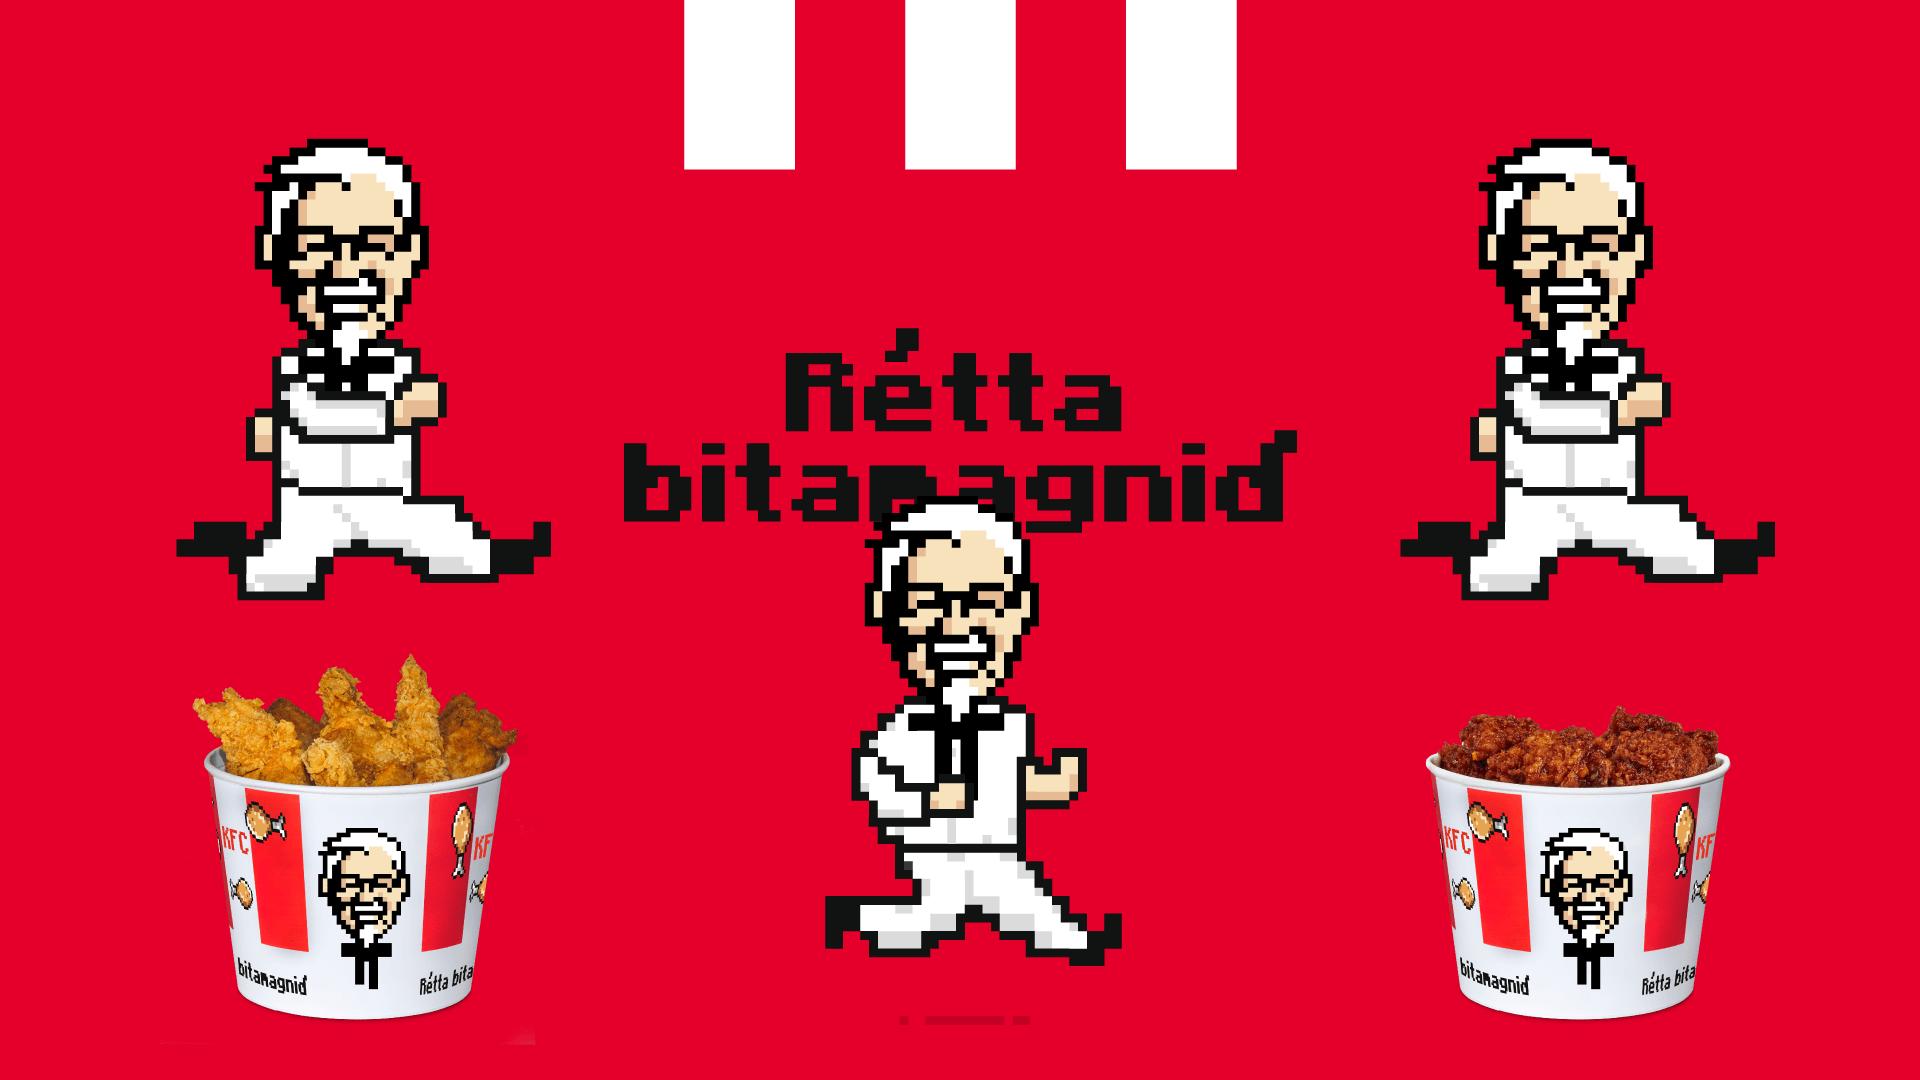 pixel-teikning af Sanders.